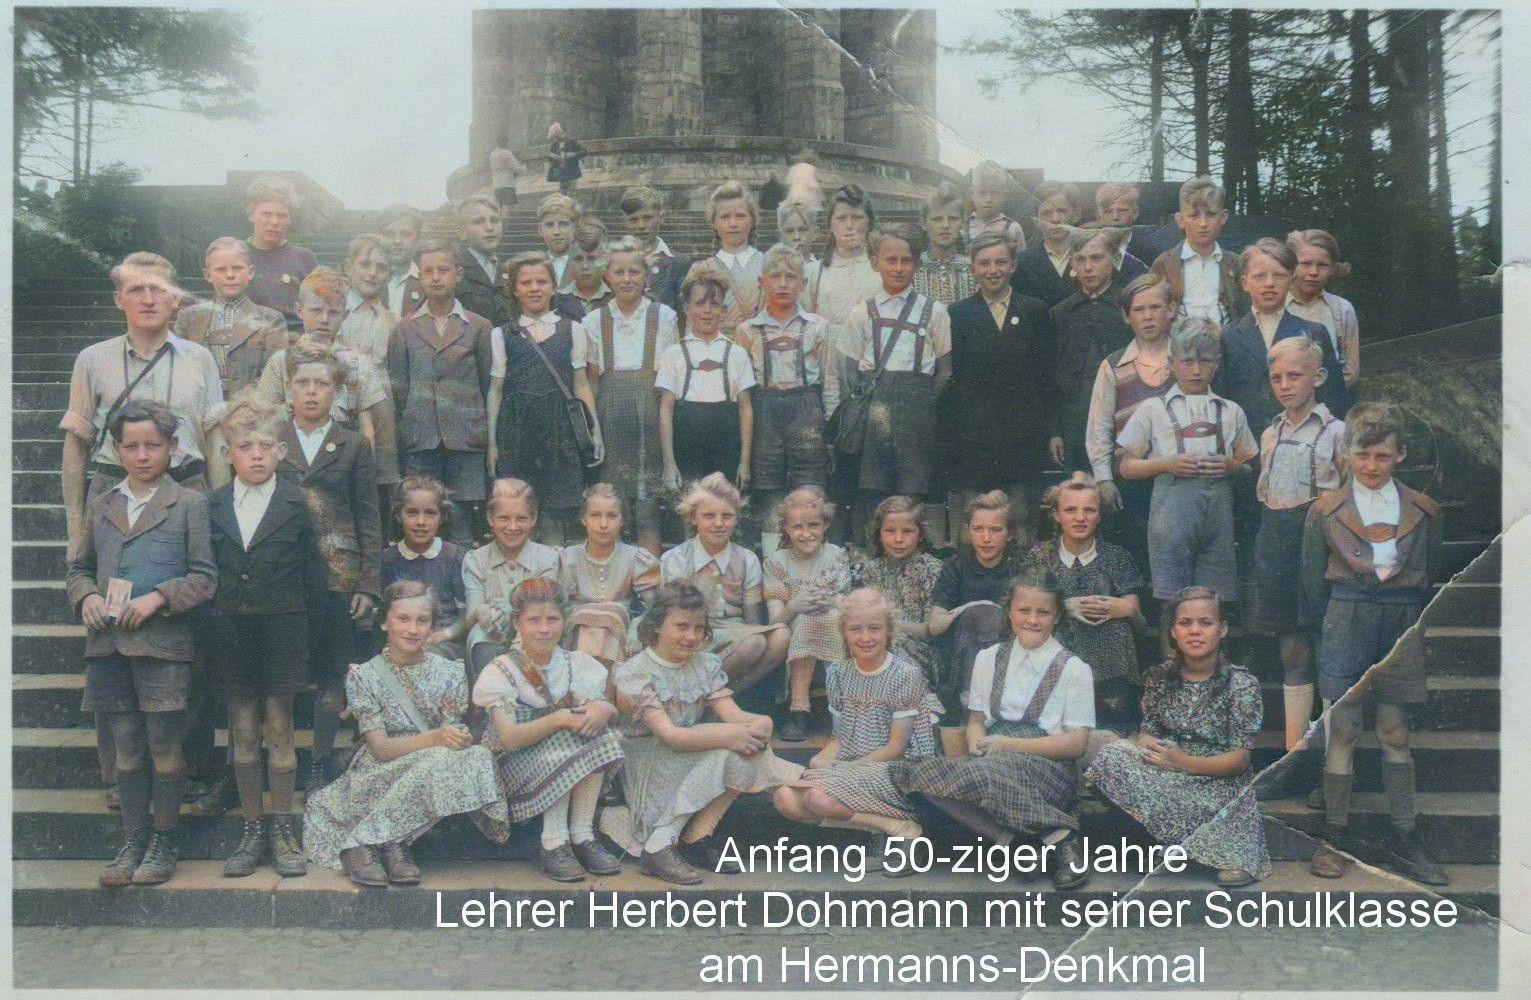 Historische Fotos - Historische Fotoalben